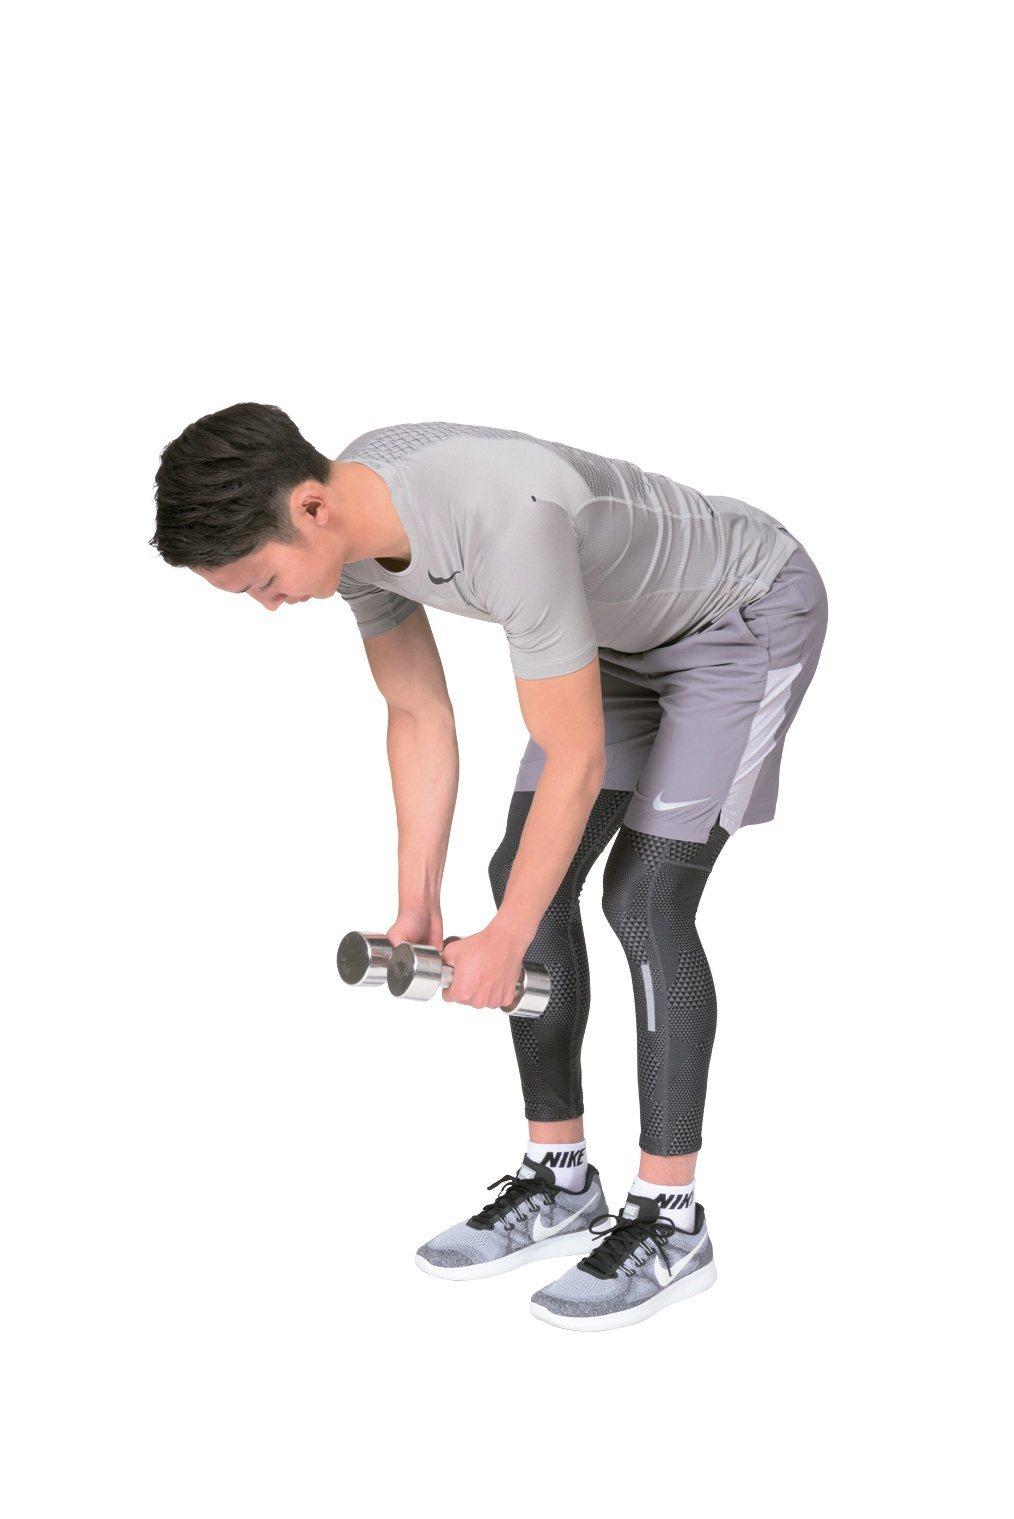 鍛鍊三角肌後束的啞鈴後舉,站立執行的話,每次下放啞鈴時,就會減弱肌肉伸張狀態時的...